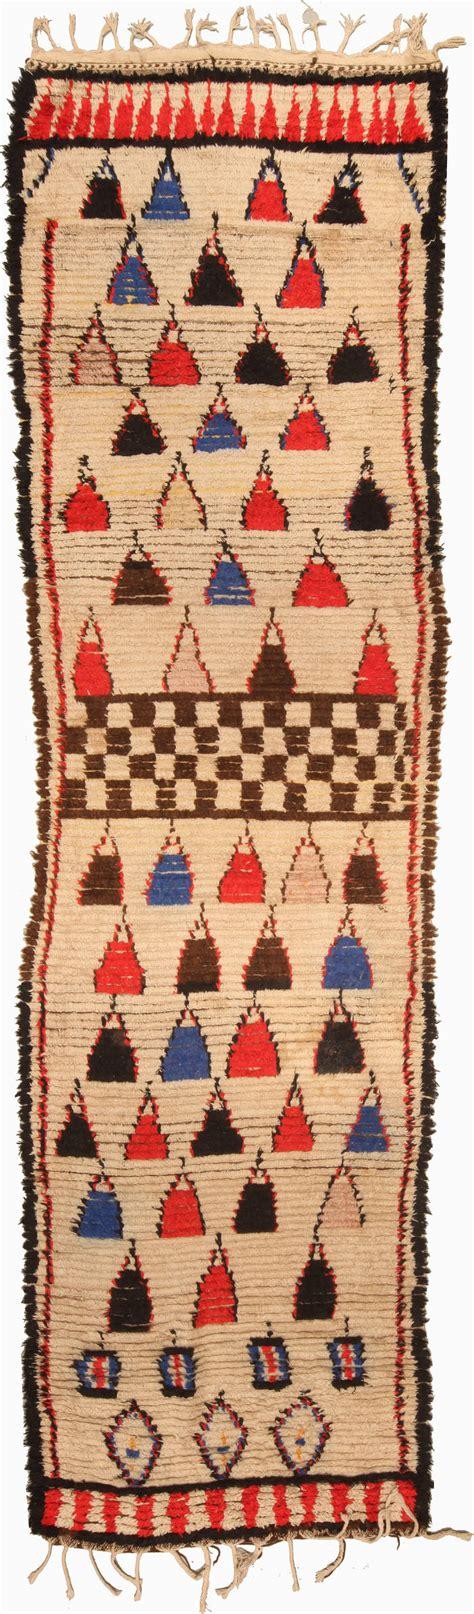 moroccan rug runner vintage moroccan rug bb5134 by doris leslie blau